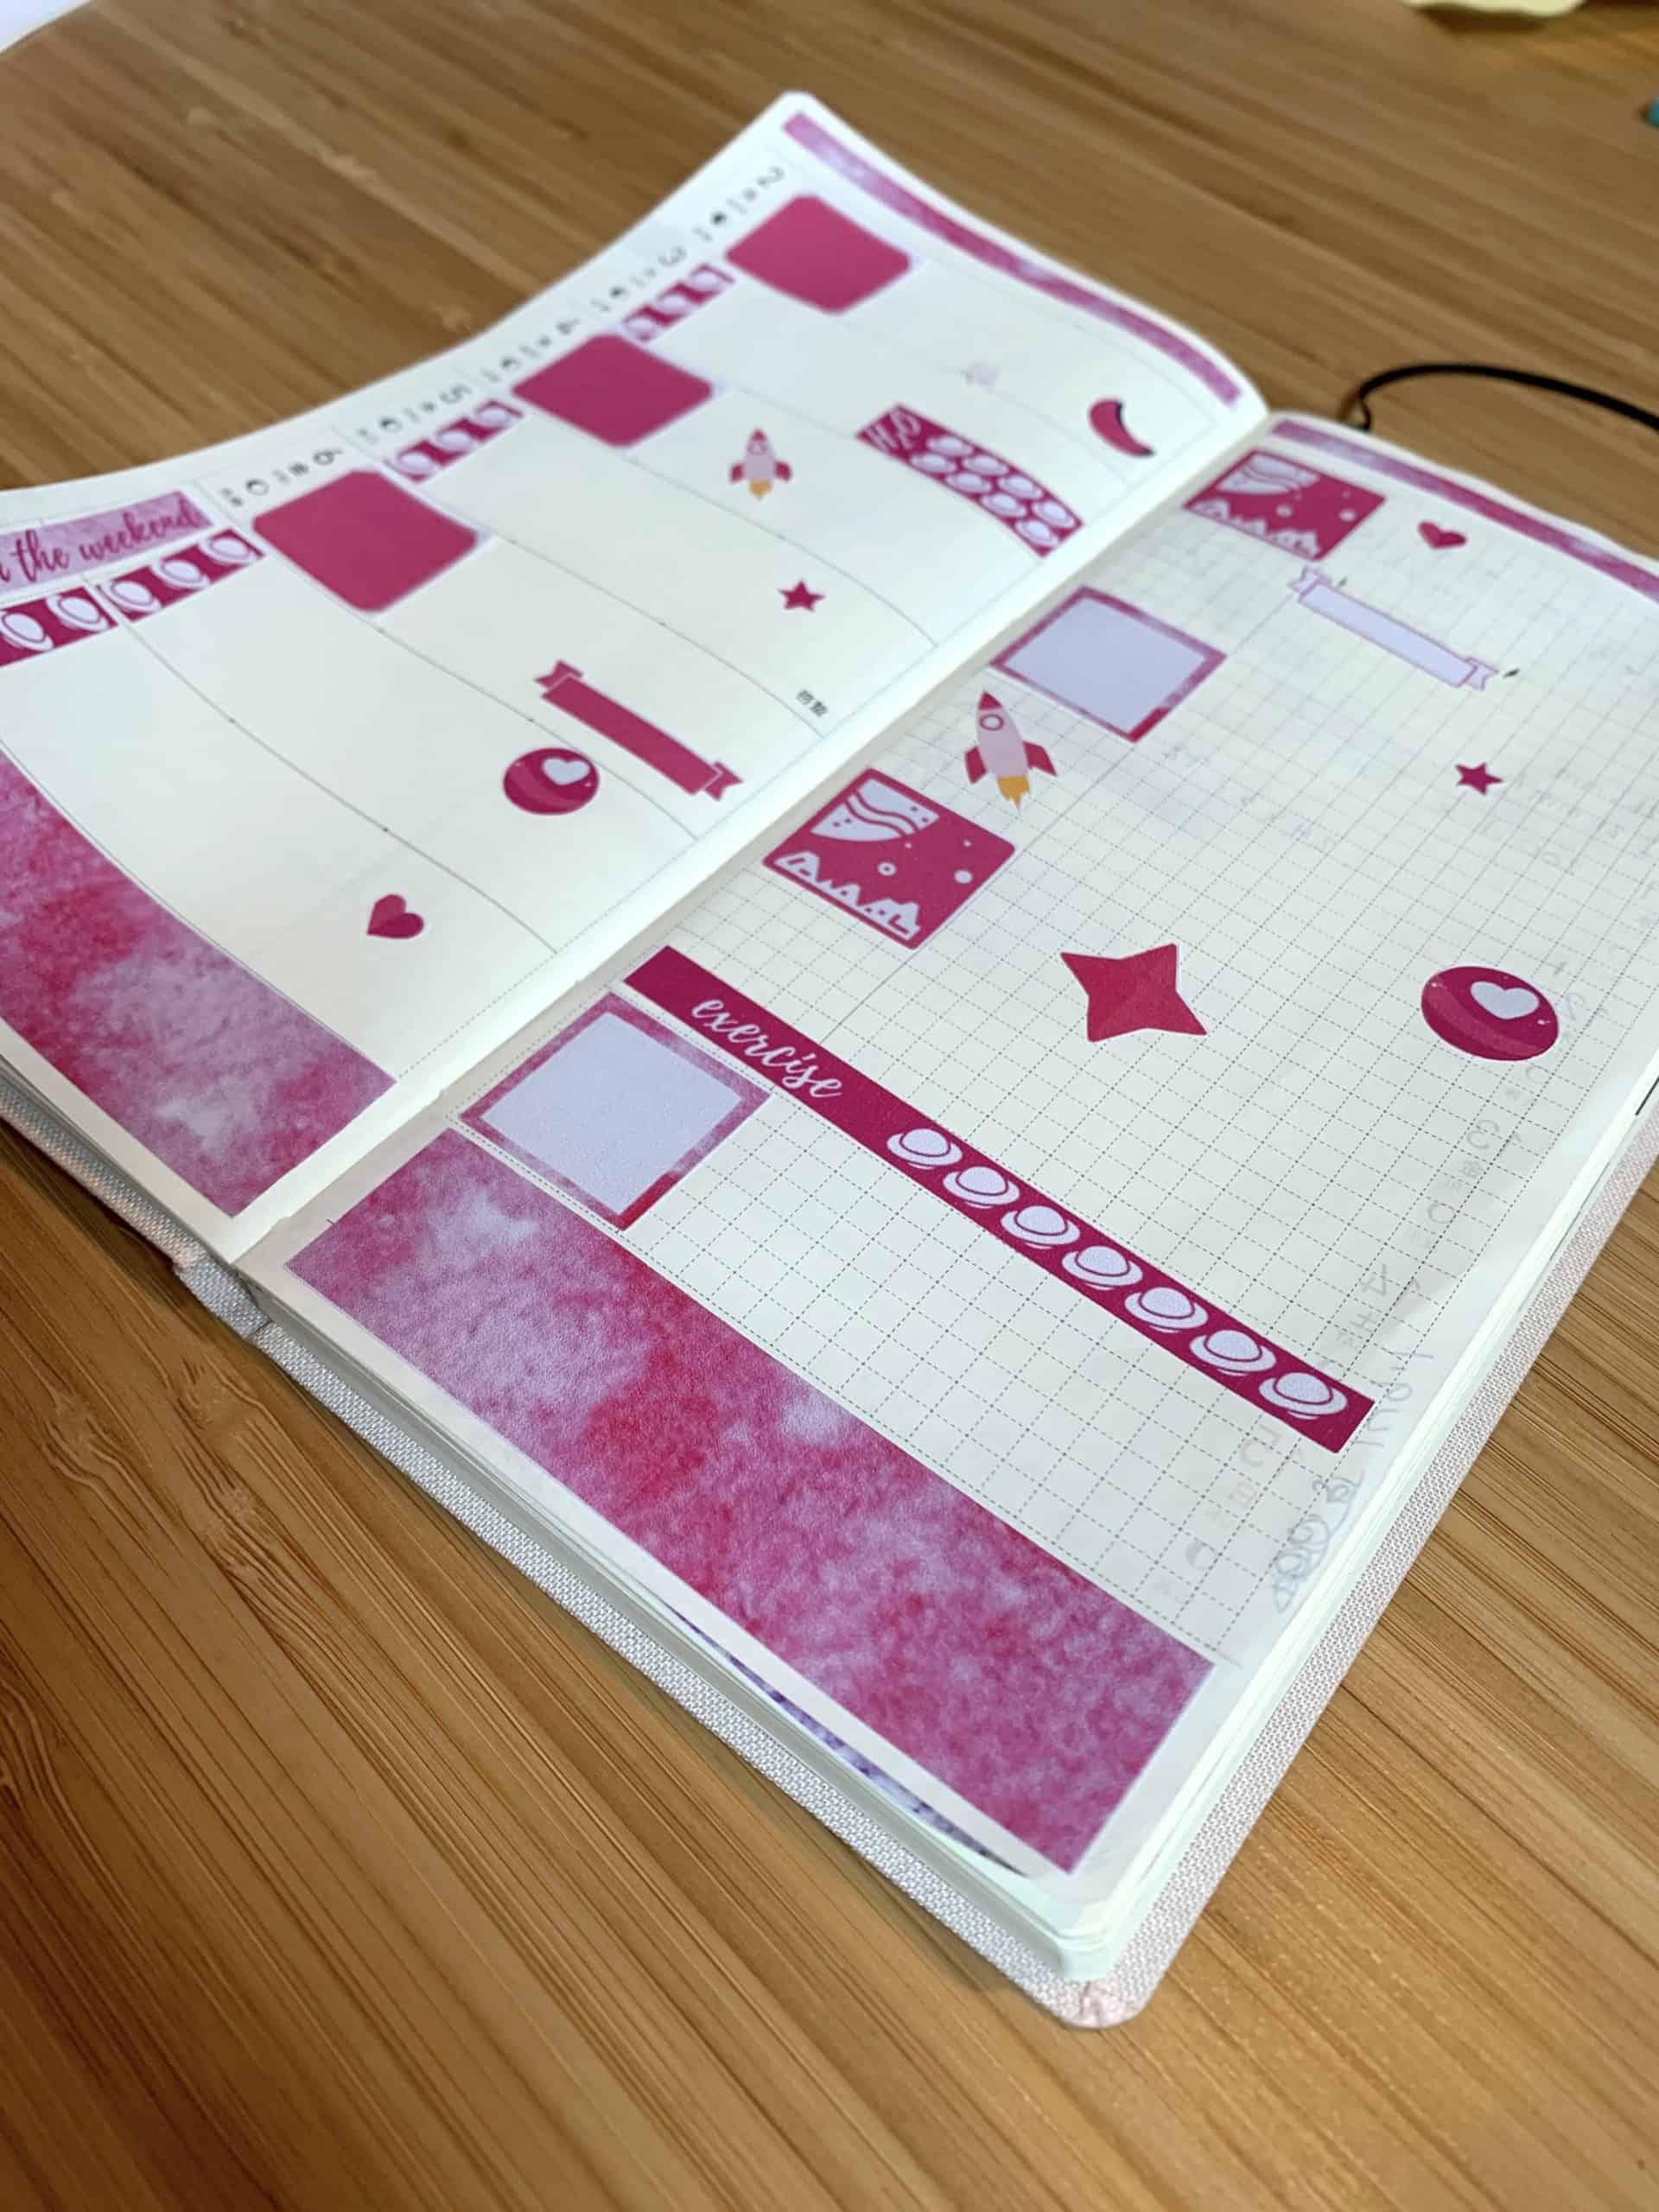 hobonichi weeks layout pink galaxy